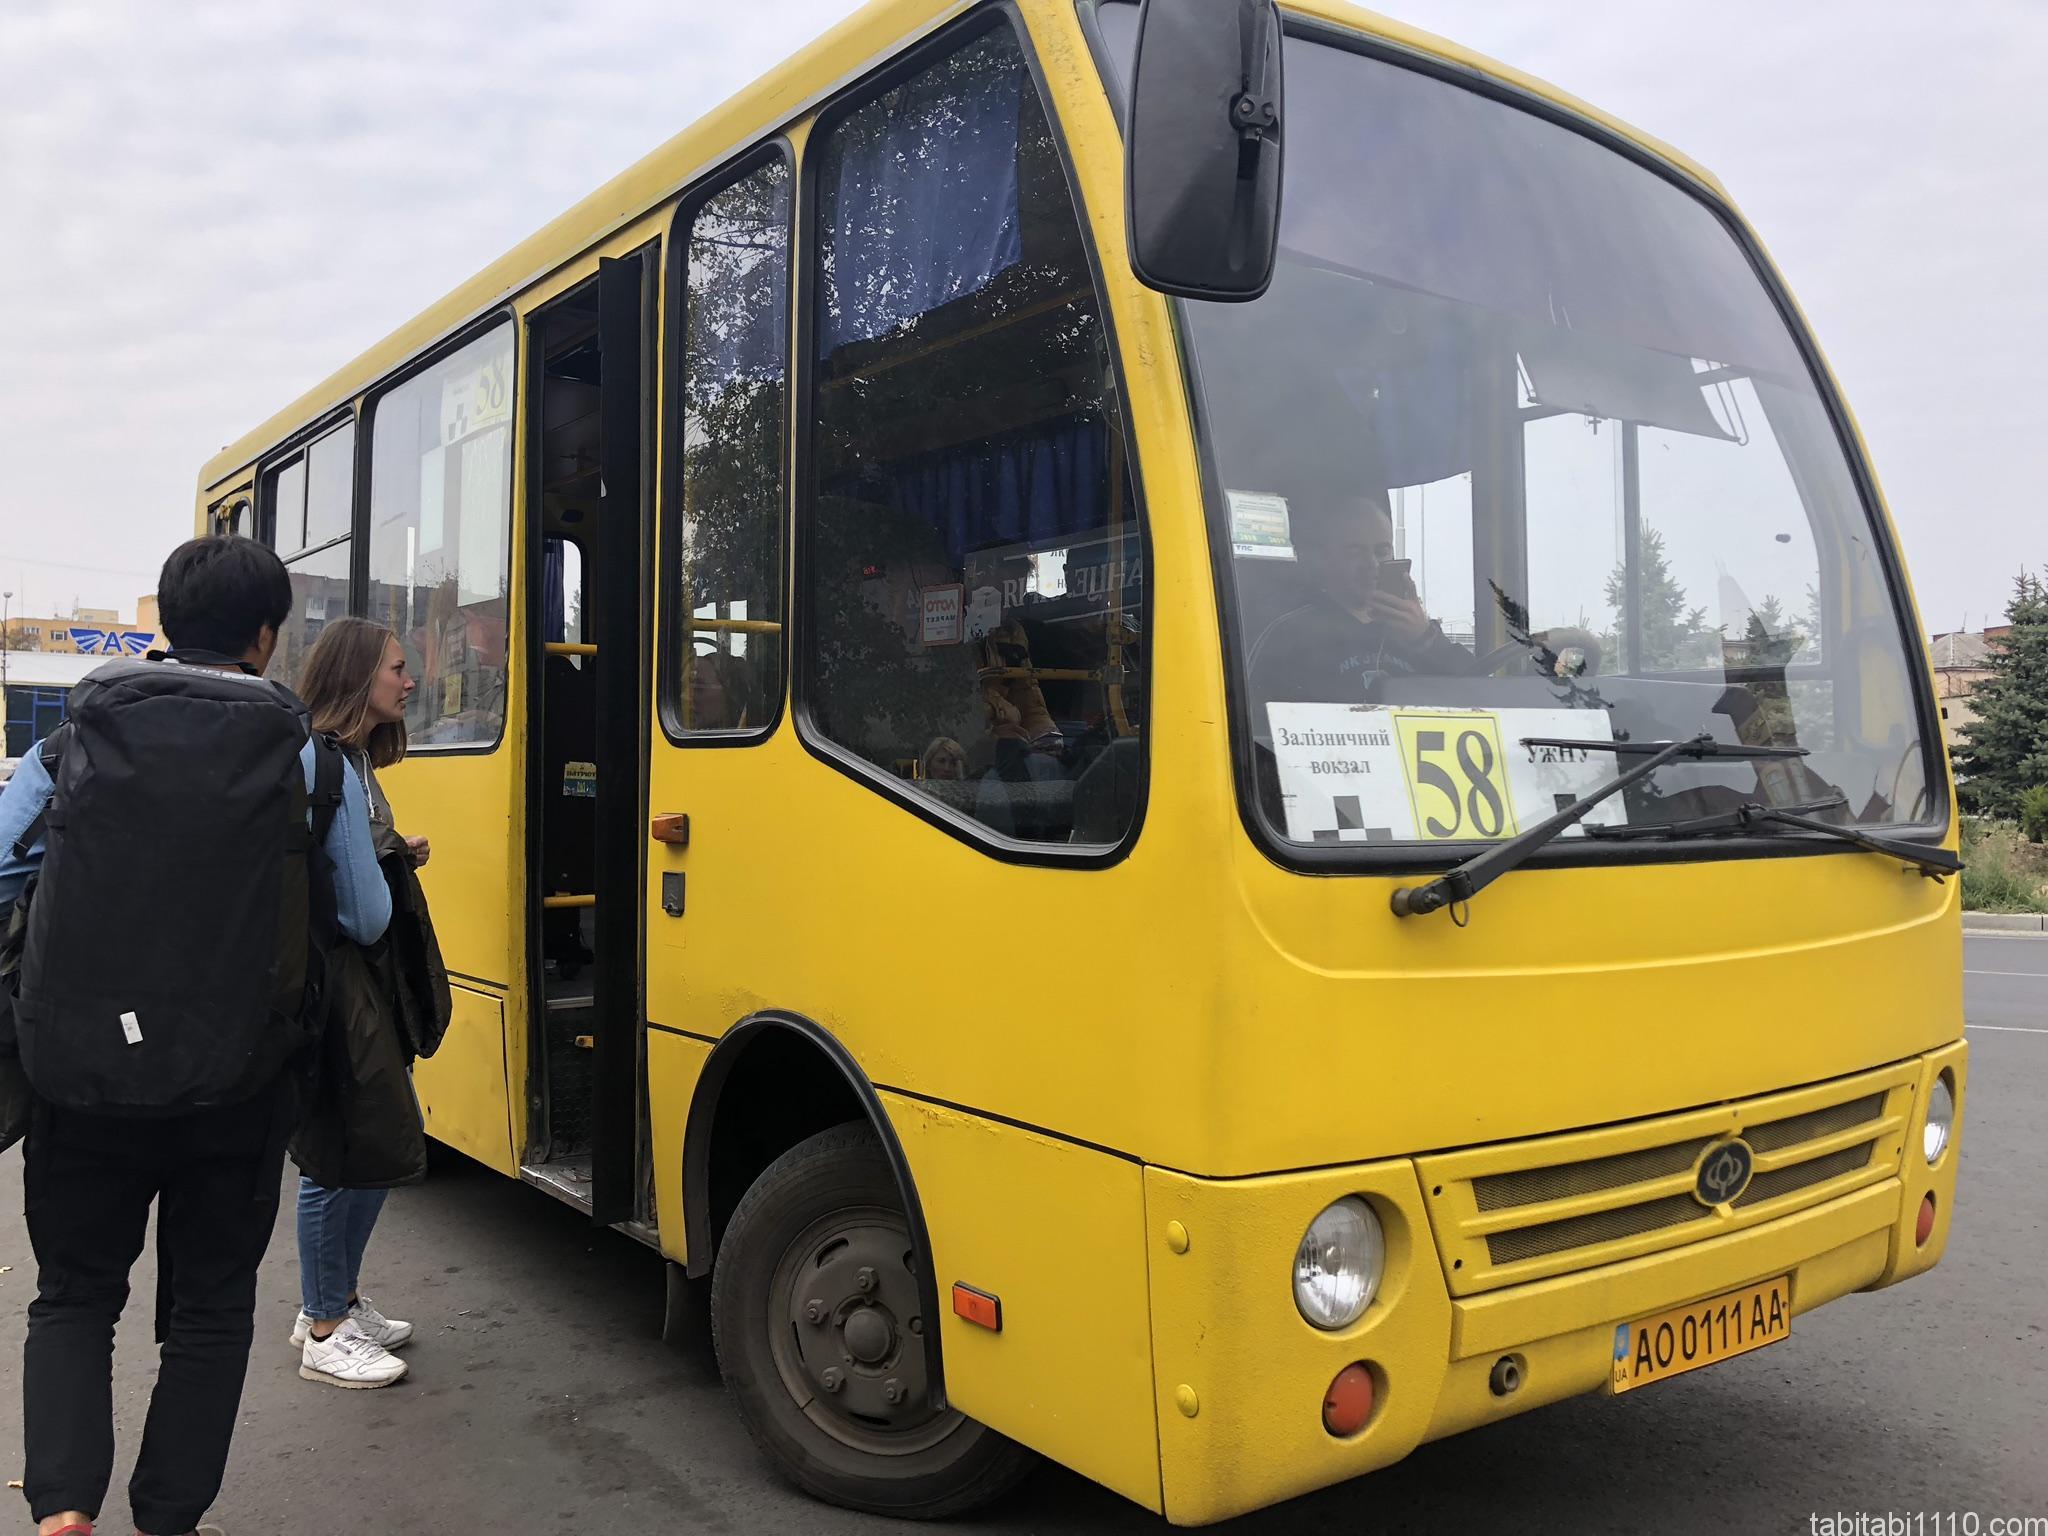 ウジホロドのローカルバス